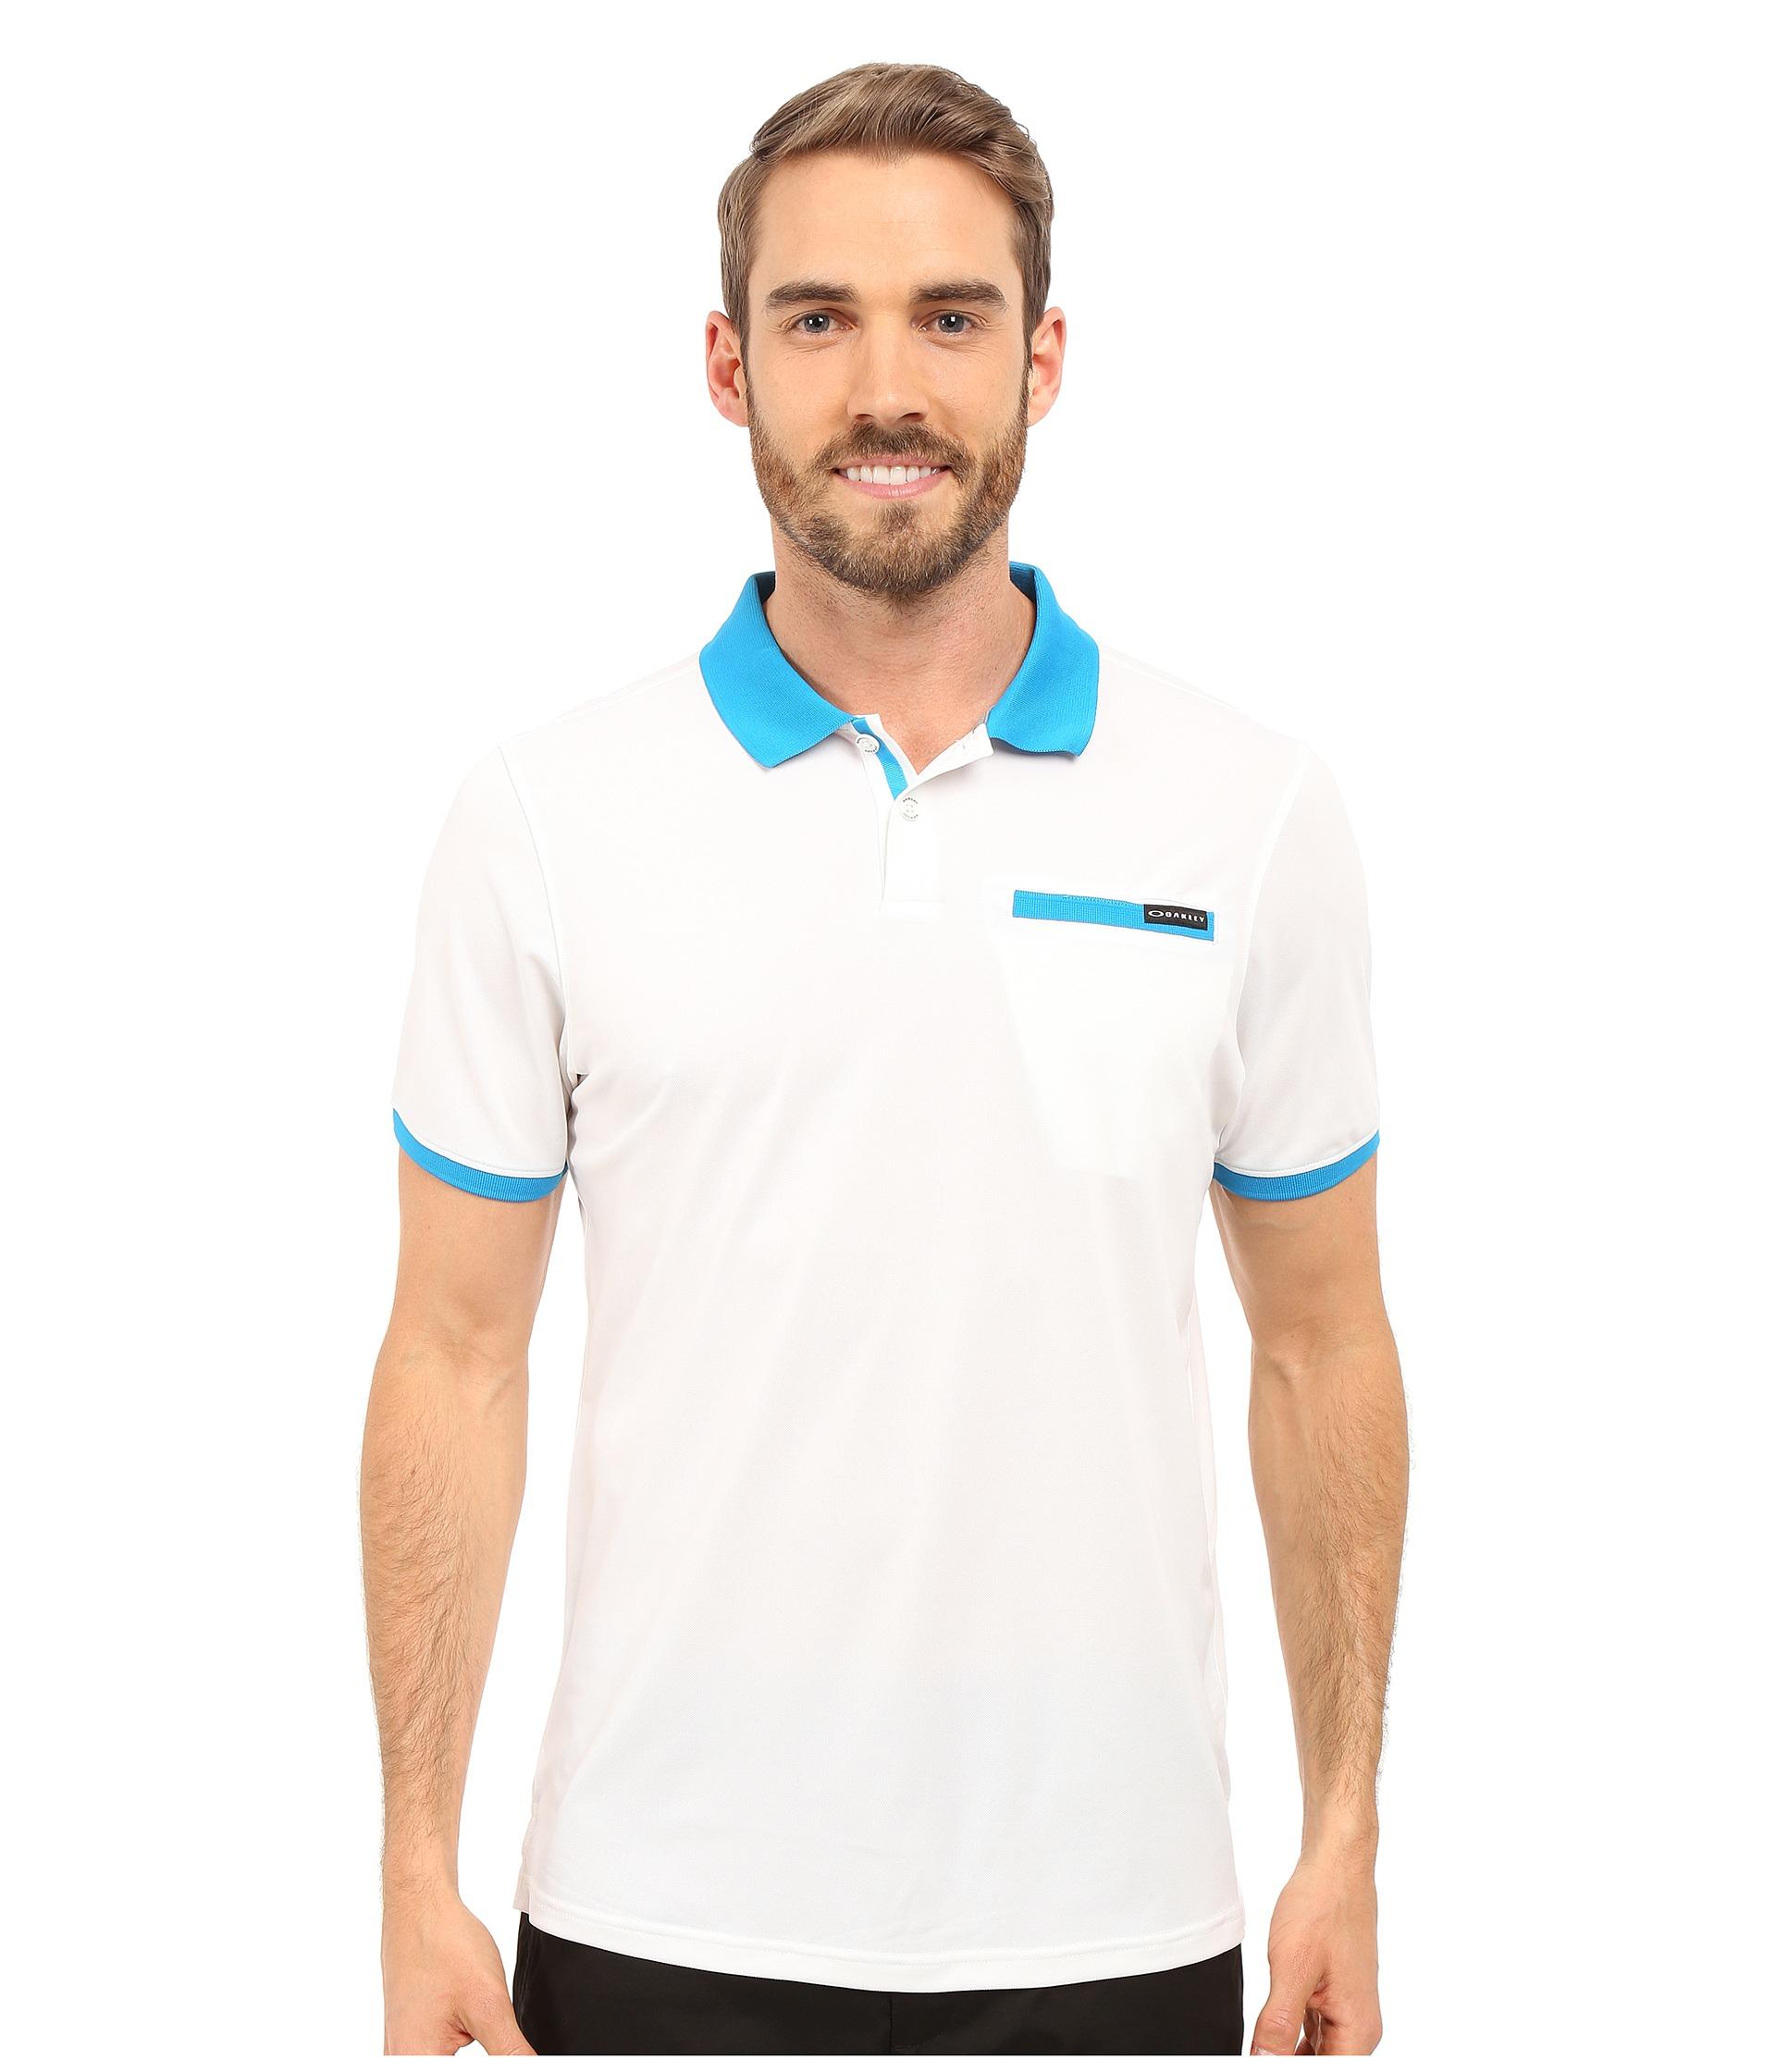 Ralph Lauren Polo T Shirts Myer Istriku Shirt